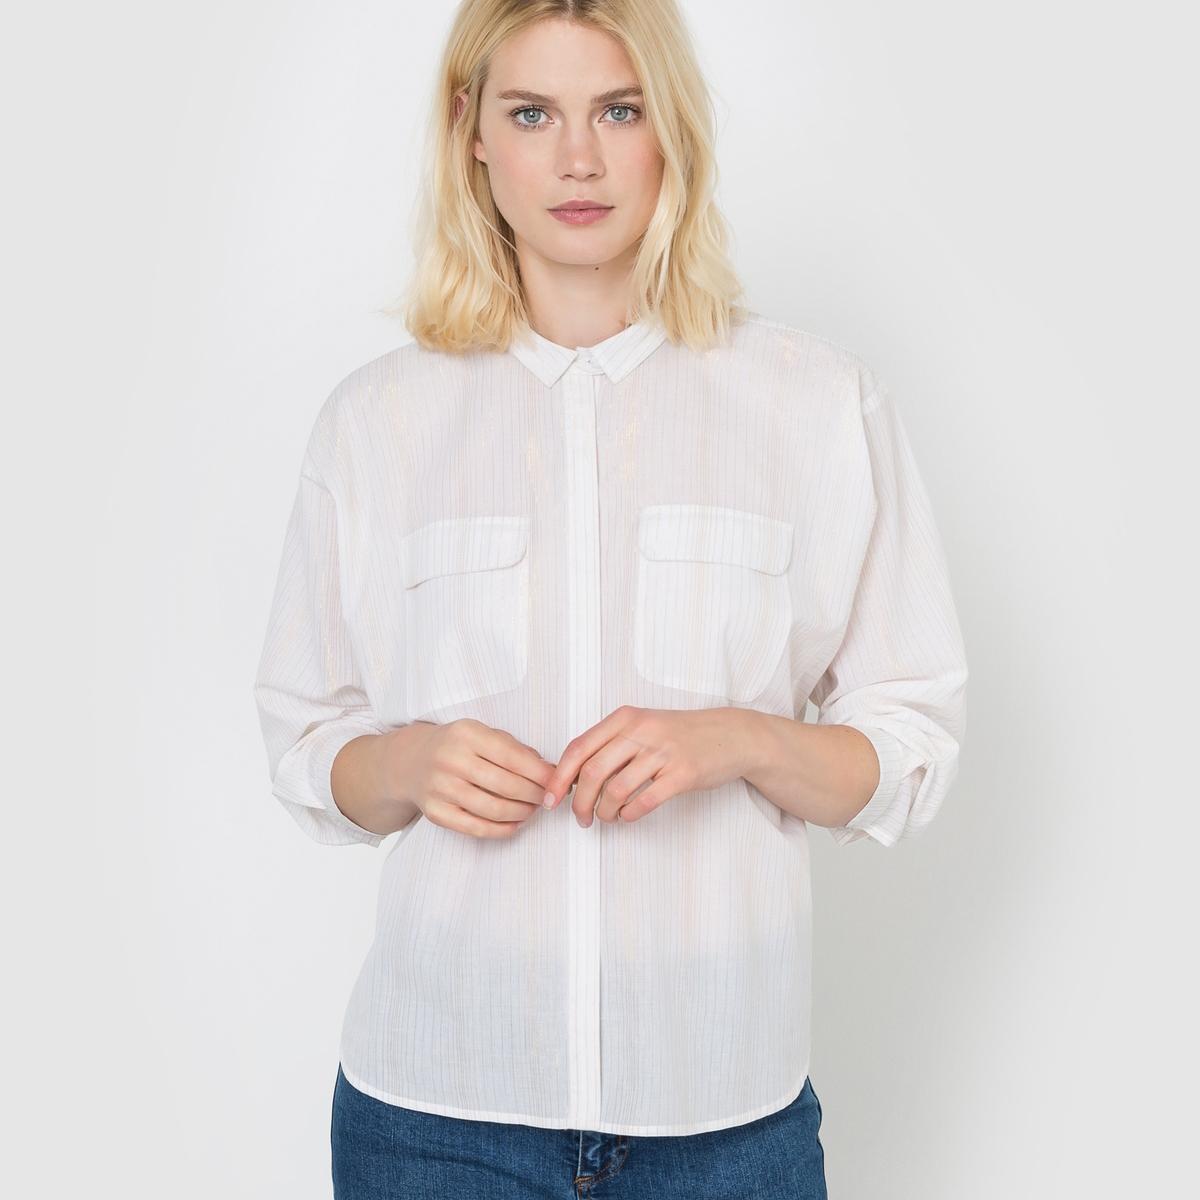 Рубашка с длинными рукавамиРубашка с длинными рукавами. Ткань с использованием золотистых нитей . Потайная планка застежки на пуговицы спереди . Низ рукавов с пуговицами. 2 больших накладных нагрудных кармана. Складка по центру спинки.Состав и описание : Материал         96% хлопка, 4% металлизированных нитей Длина: 65 смМарка        R studioУход :Машинная стирка при 30° на деликатном режиме.Не отбеливатьГладить на низкой температуре.- Сухая (химическая) чистка запрещена.Машинная сушка запрещена<br><br>Цвет: слоновая кость/ золотистый,темно-зеленый/золотистый<br>Размер: 38 (FR) - 44 (RUS).40 (FR) - 46 (RUS).42 (FR) - 48 (RUS).48 (FR) - 54 (RUS).38 (FR) - 44 (RUS).44 (FR) - 50 (RUS).46 (FR) - 52 (RUS).48 (FR) - 54 (RUS)